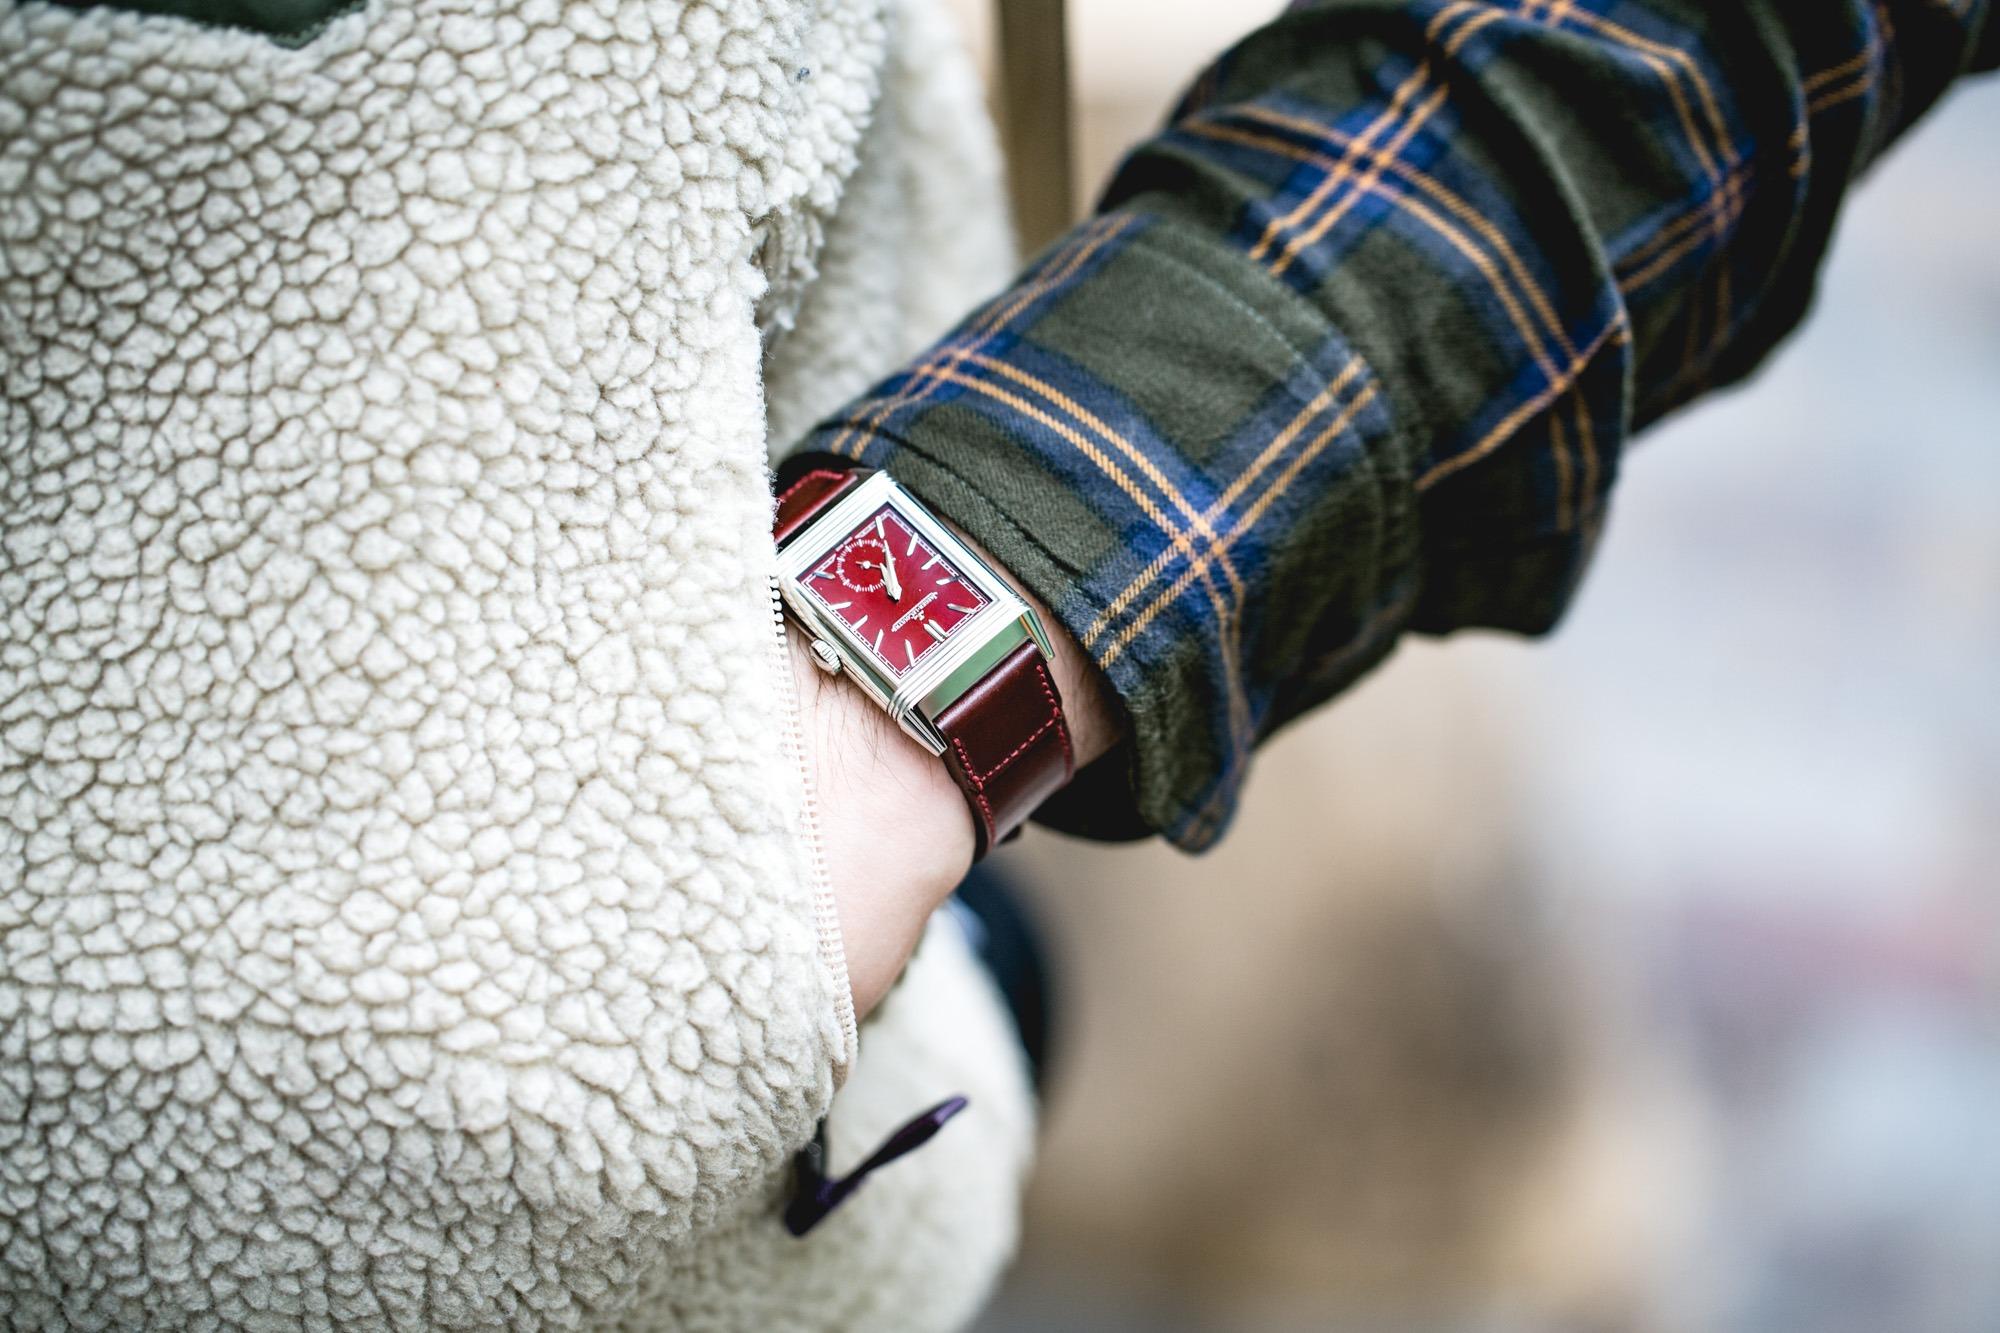 Jaeger-LeCoultre Reverso Tribute Small Seconds lie-de-vin - On the wrist